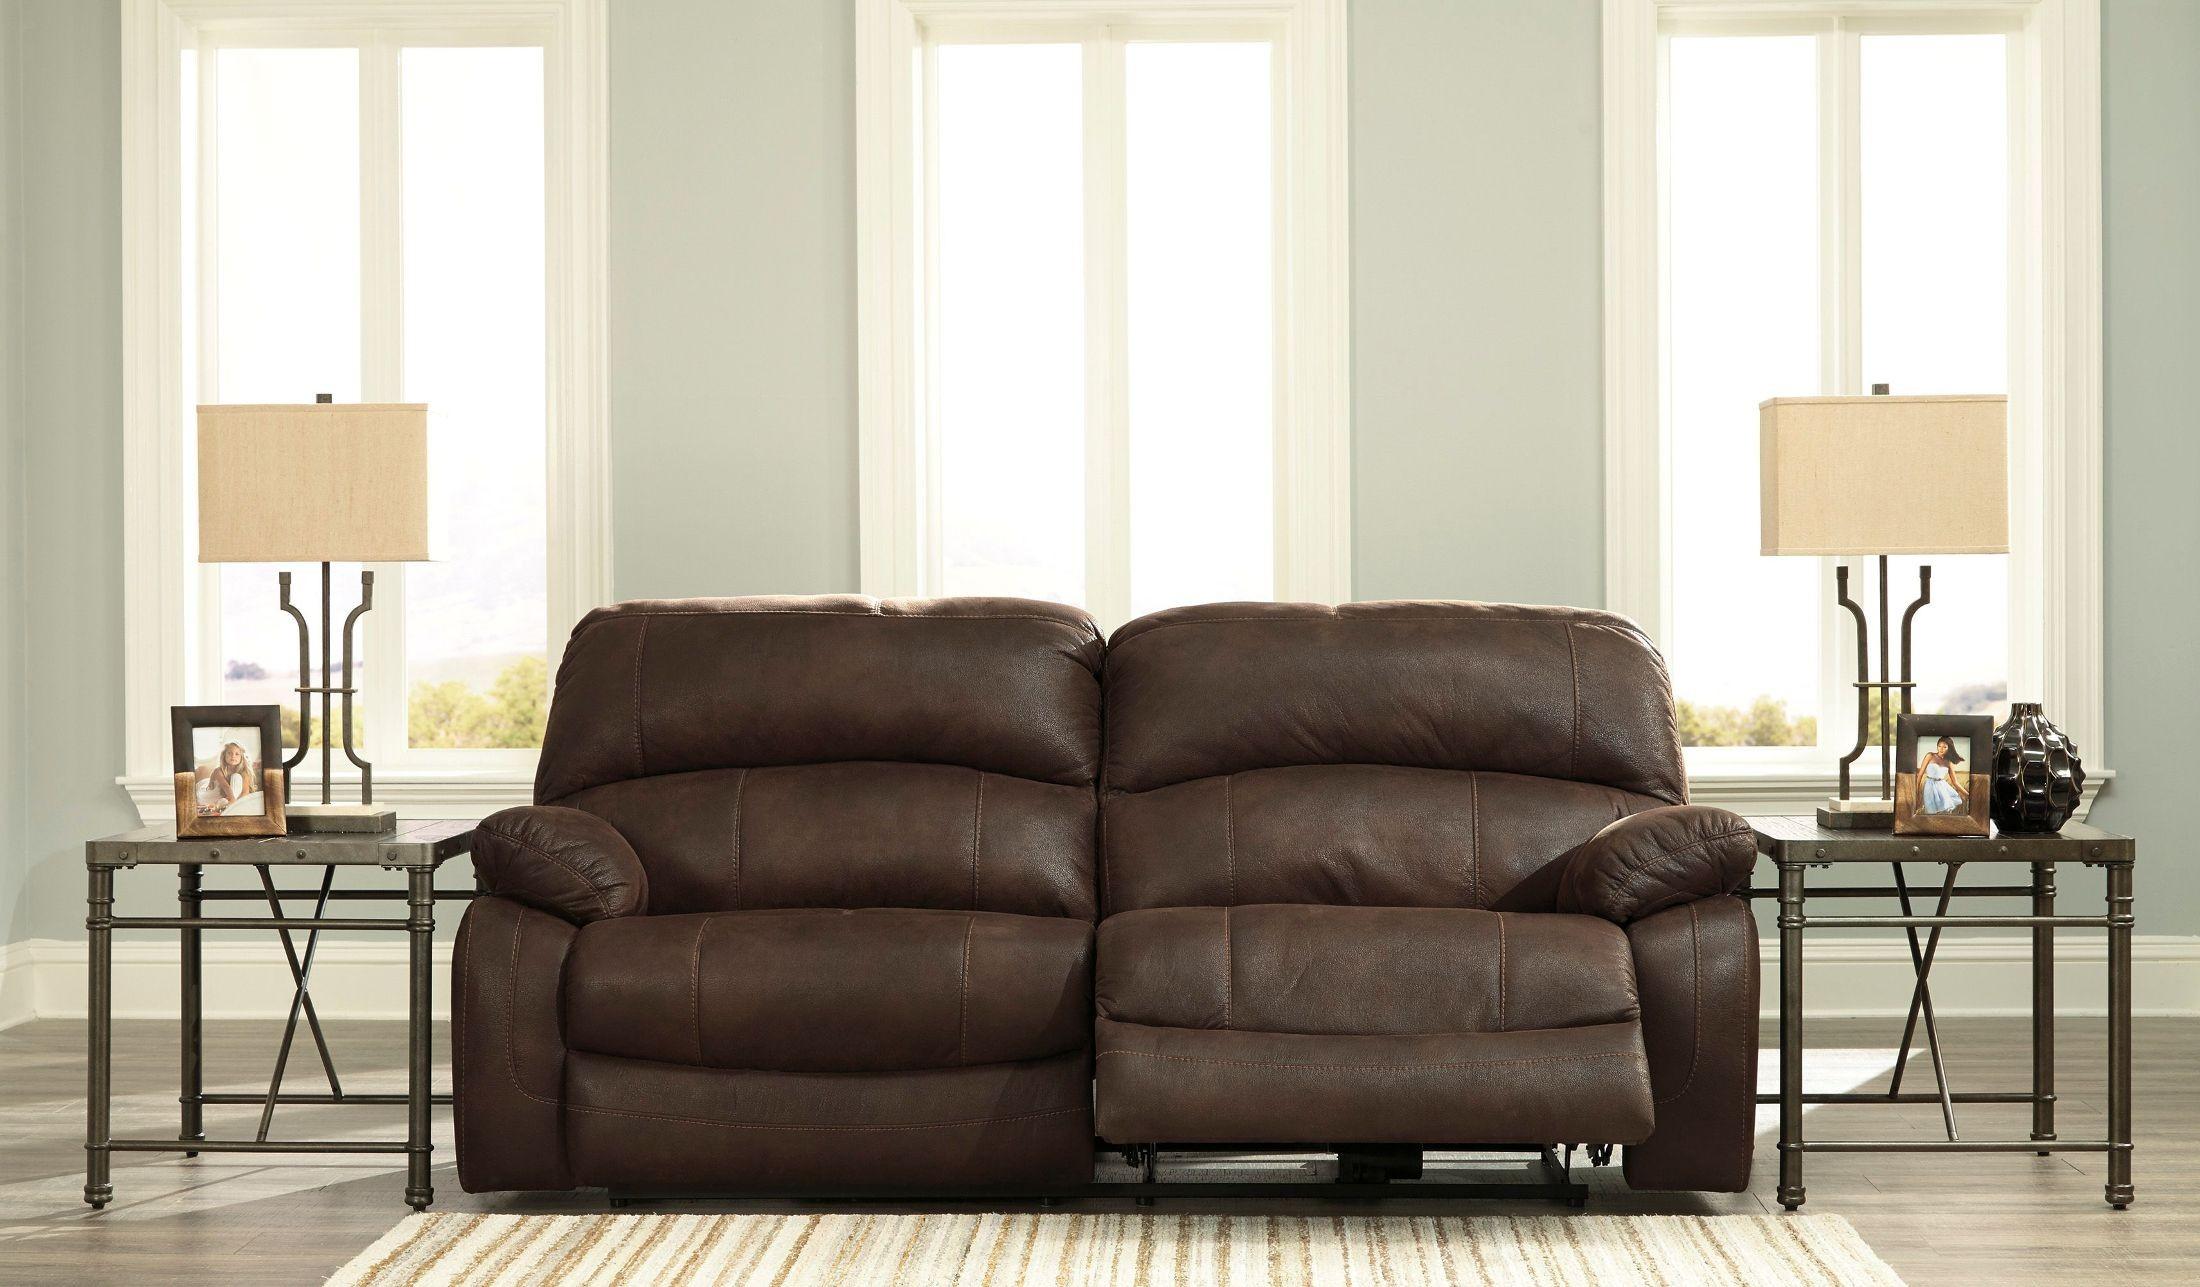 Zavier Truffle 2 Seat Power Reclining Sofa From Ashley